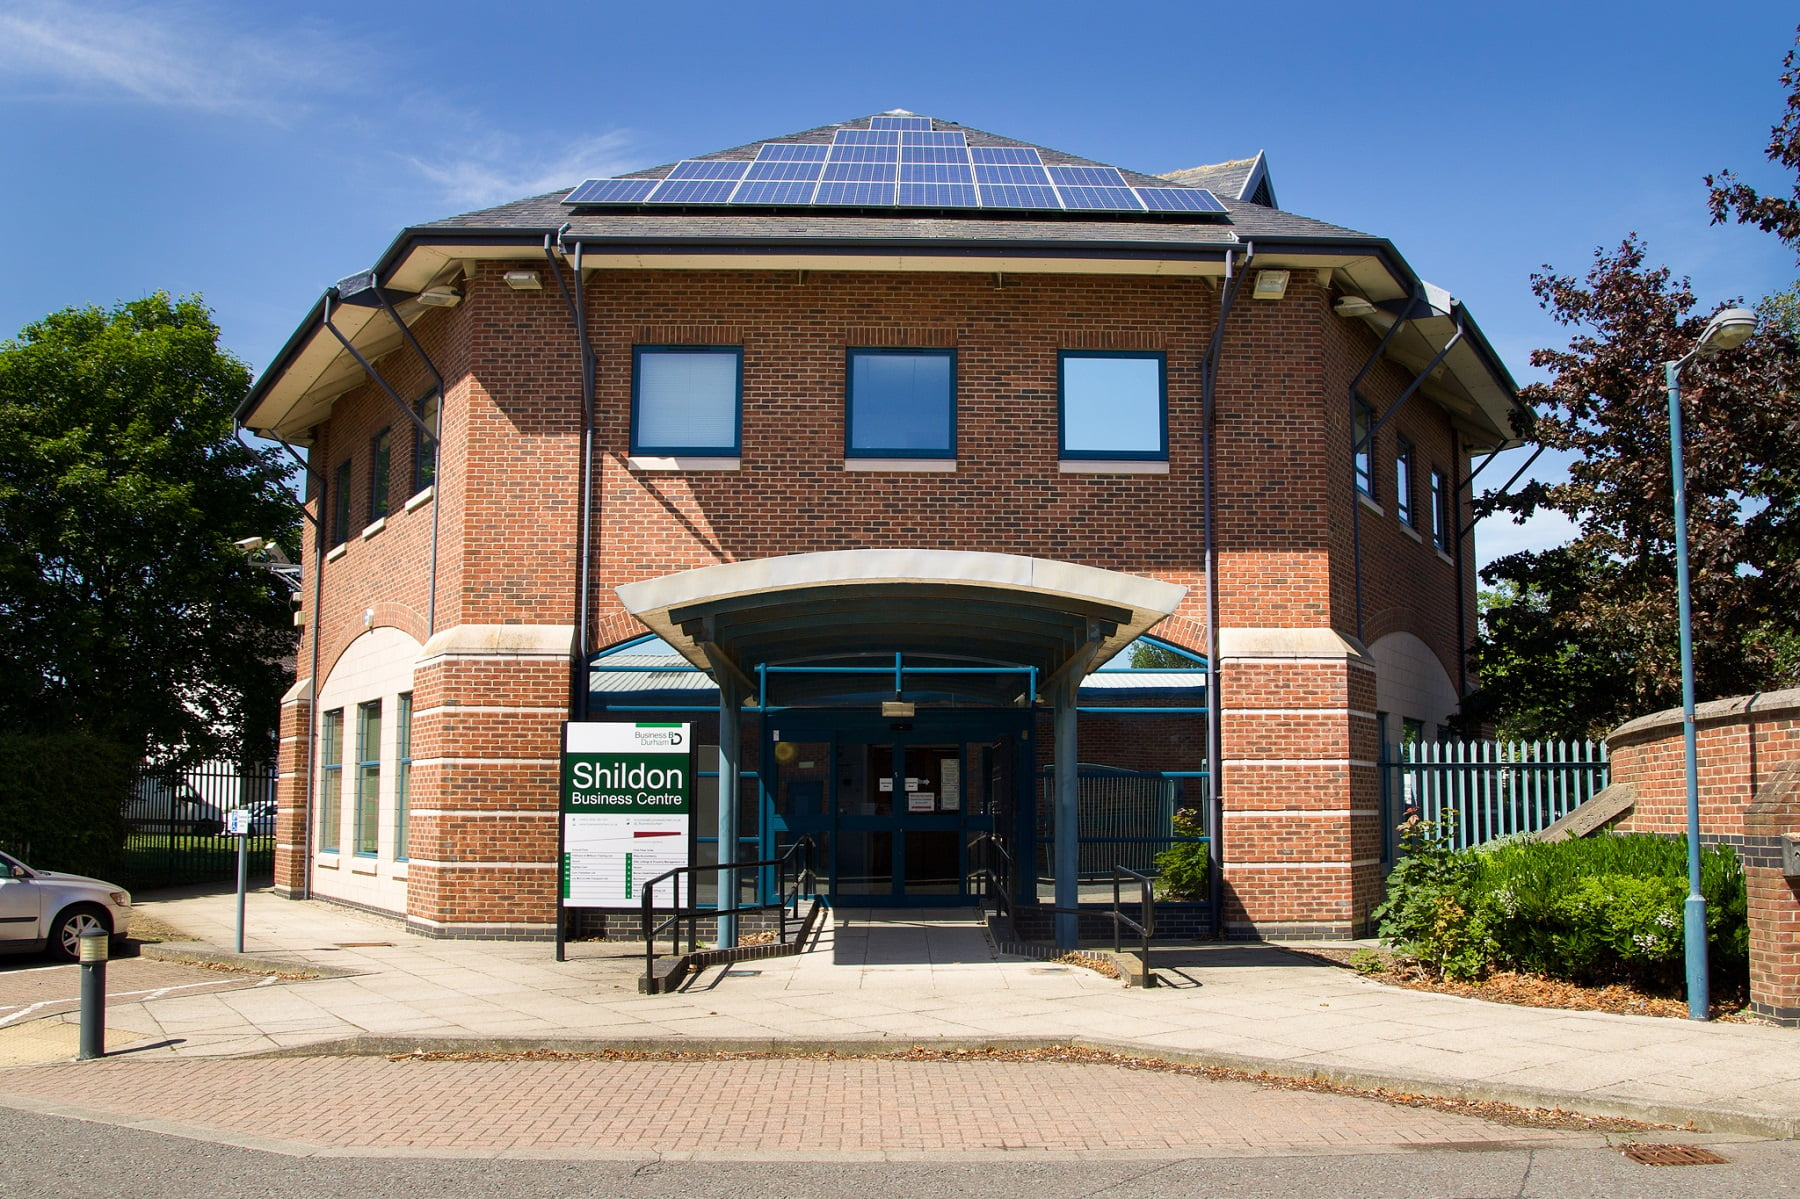 Shildon Business Centre